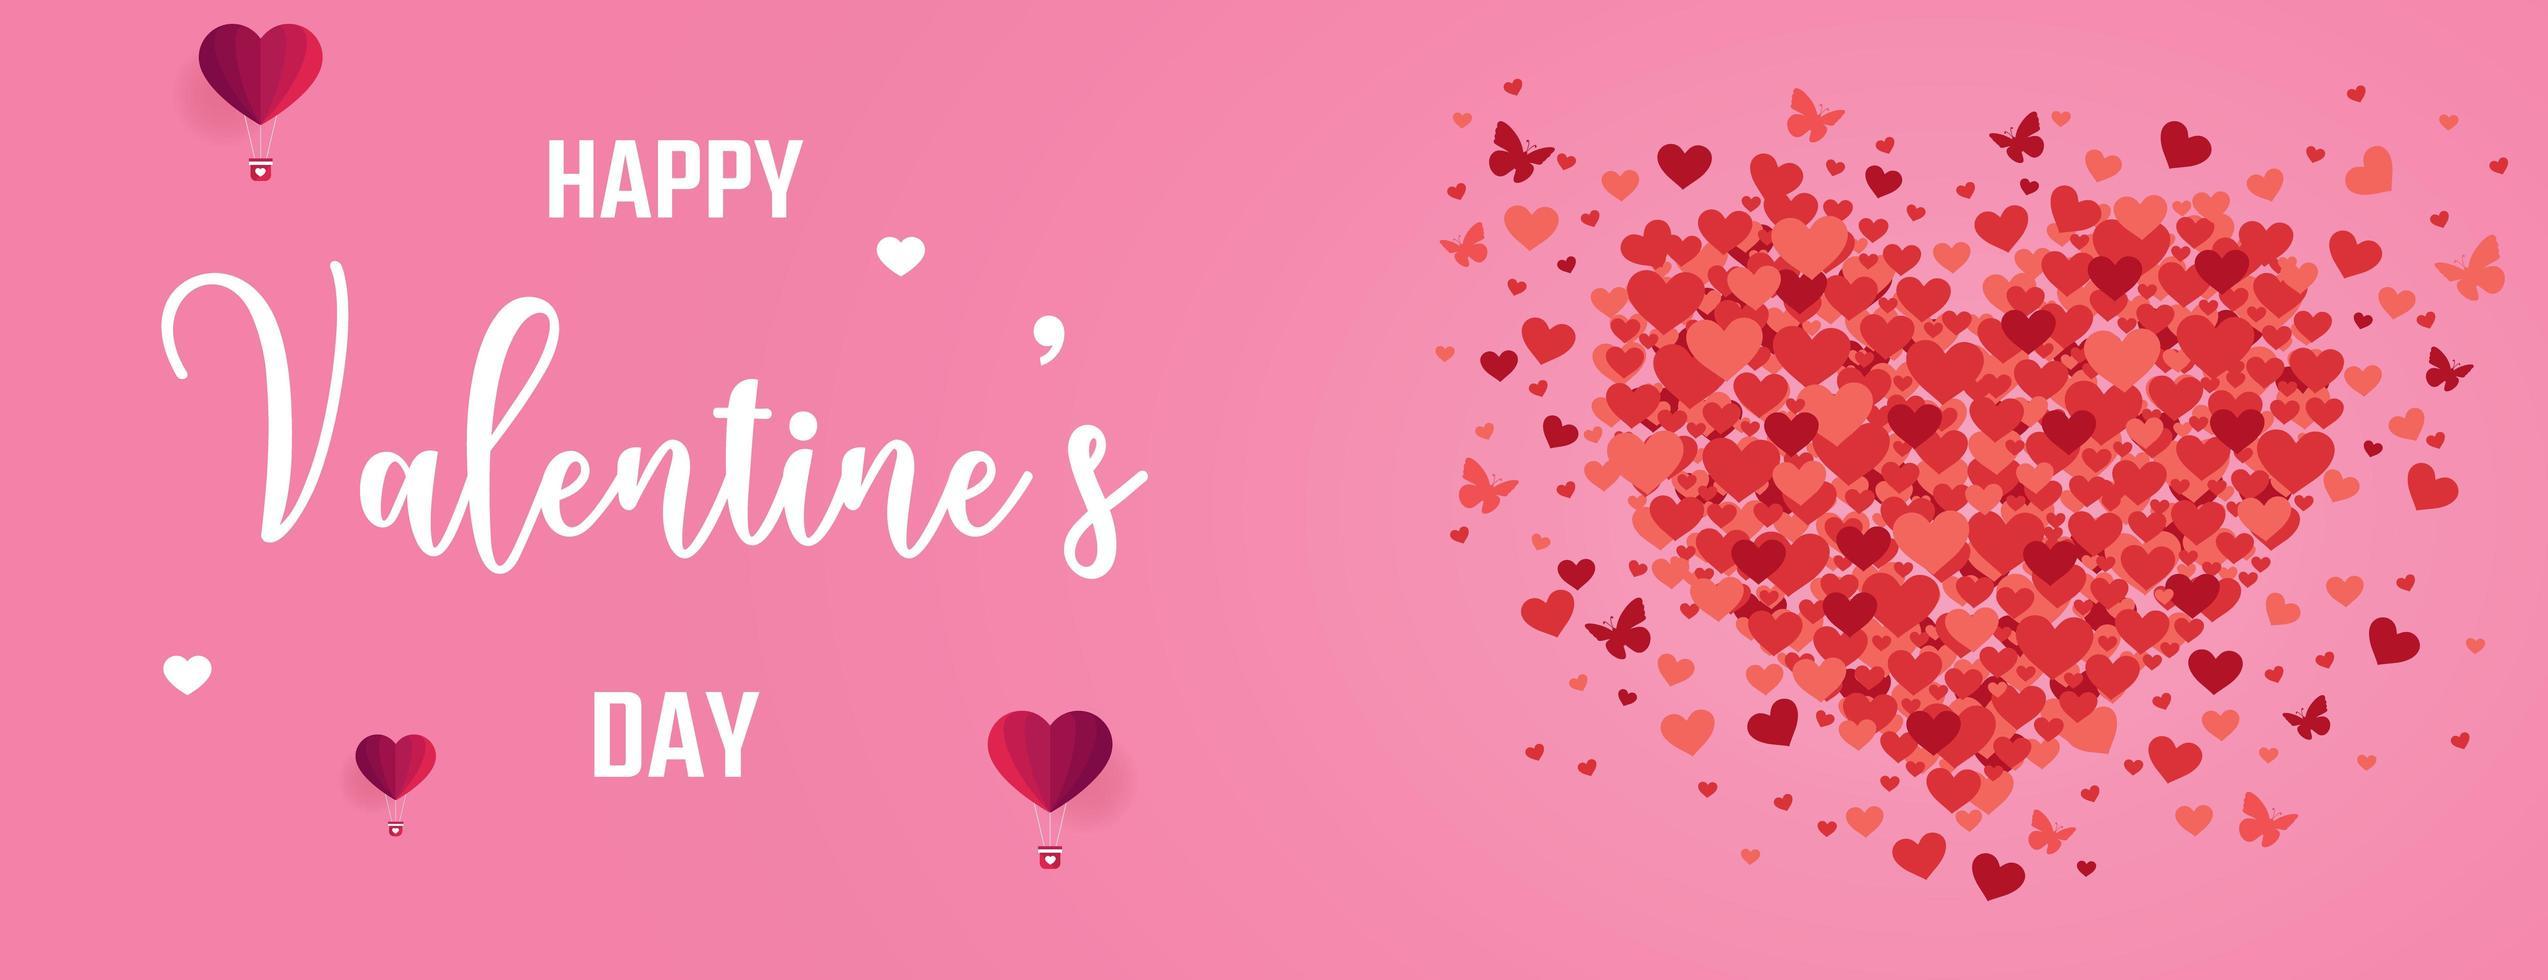 Valentijnsdagbanner met harten en vlinders vector